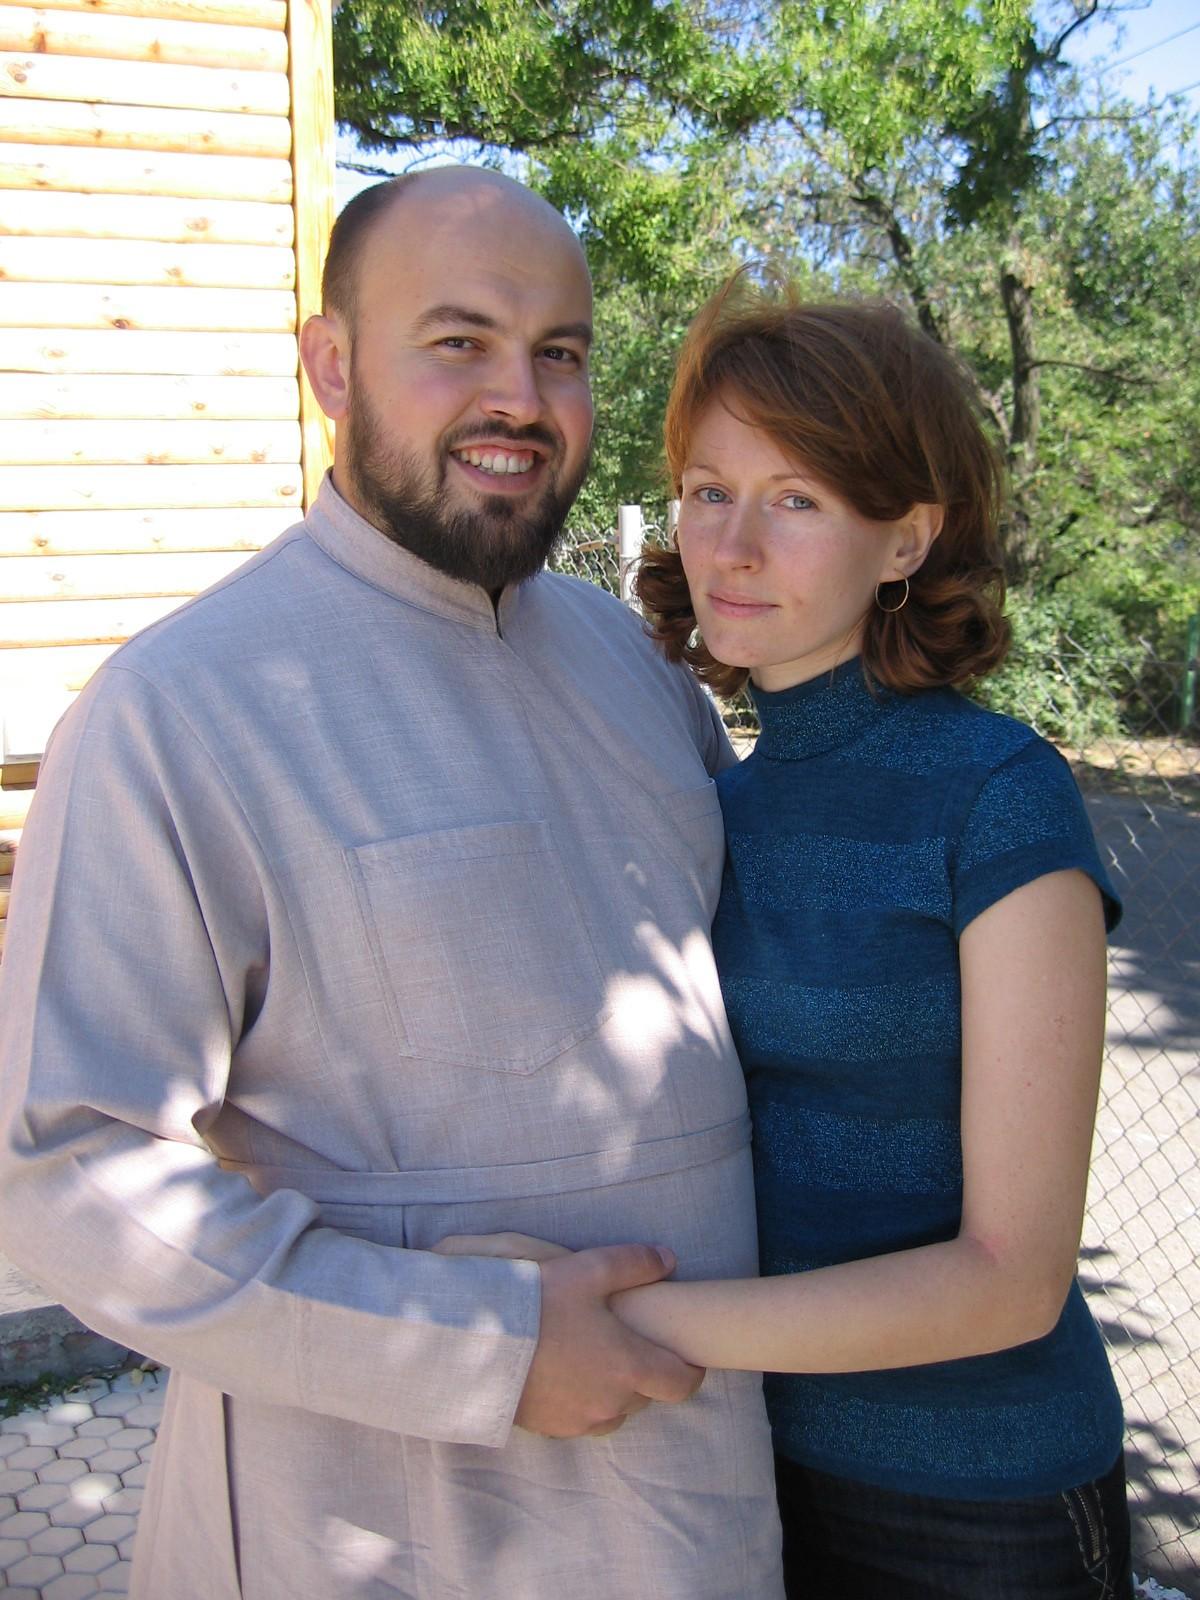 православные знакомства ищет мужчина